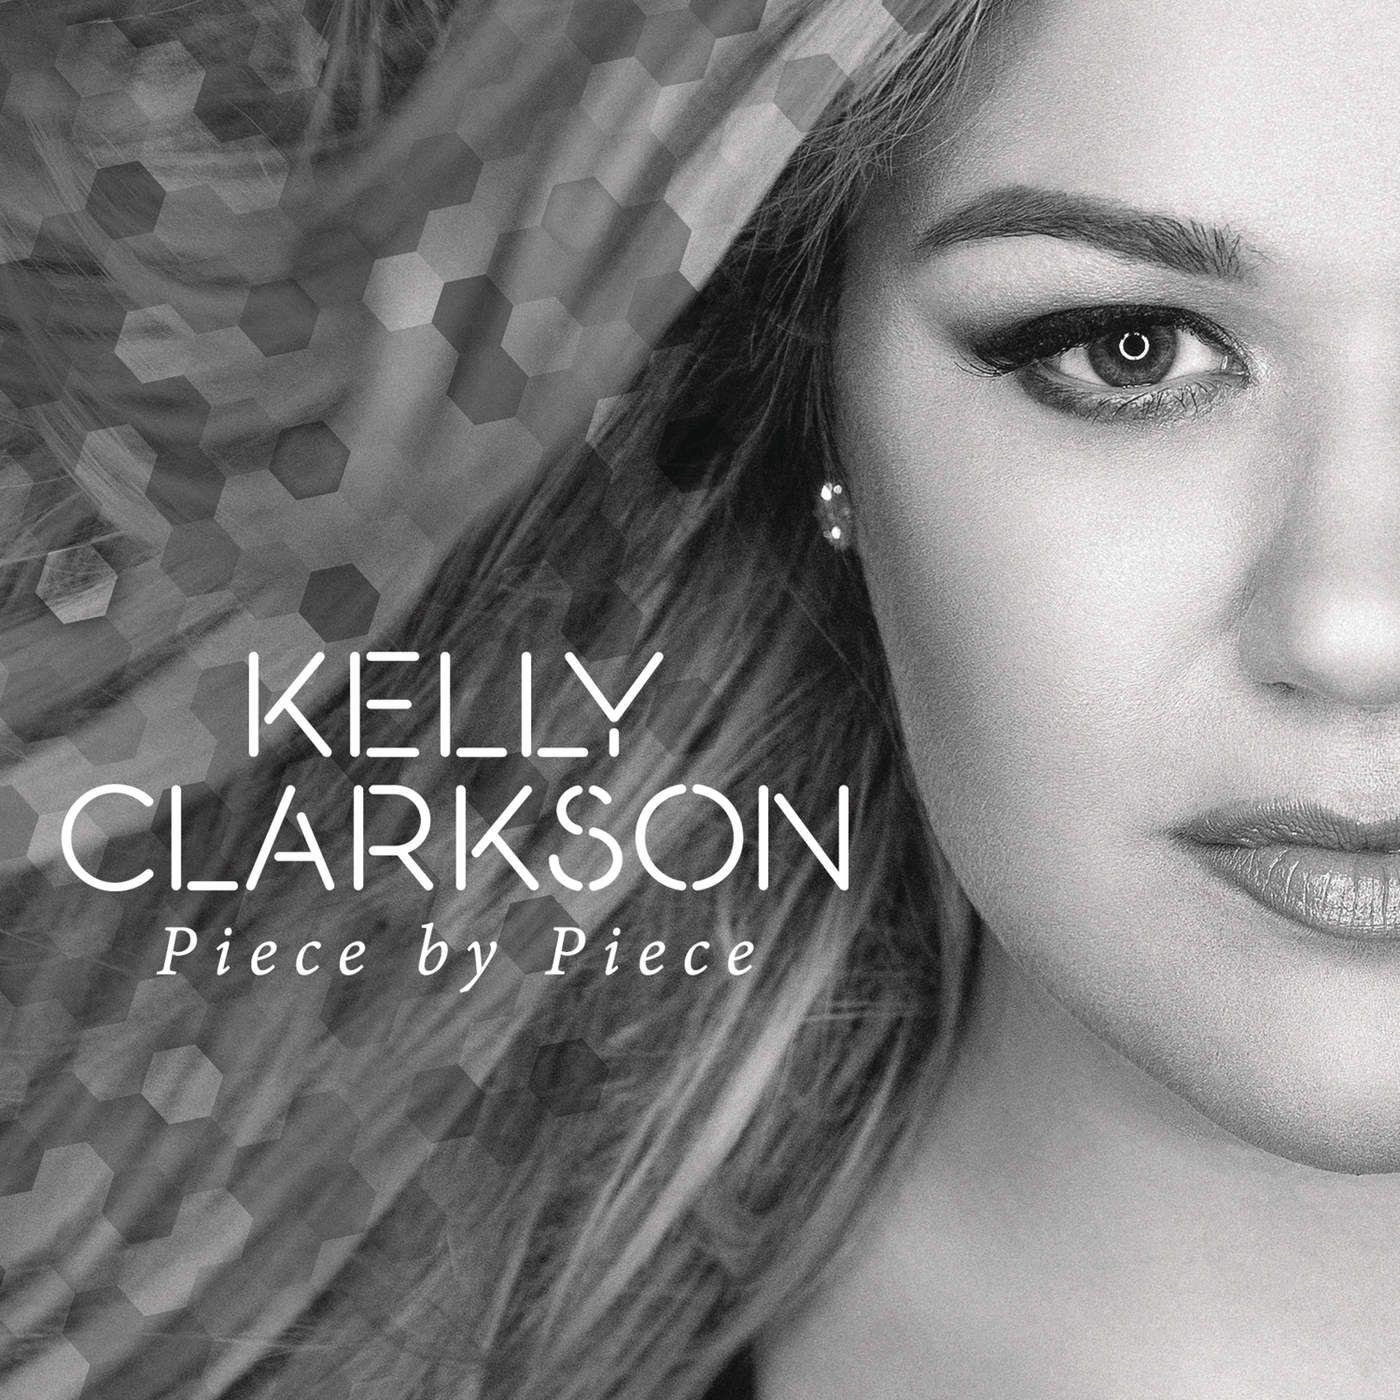 Kelly Clarkson - Piece By Piece (Radio Mix)